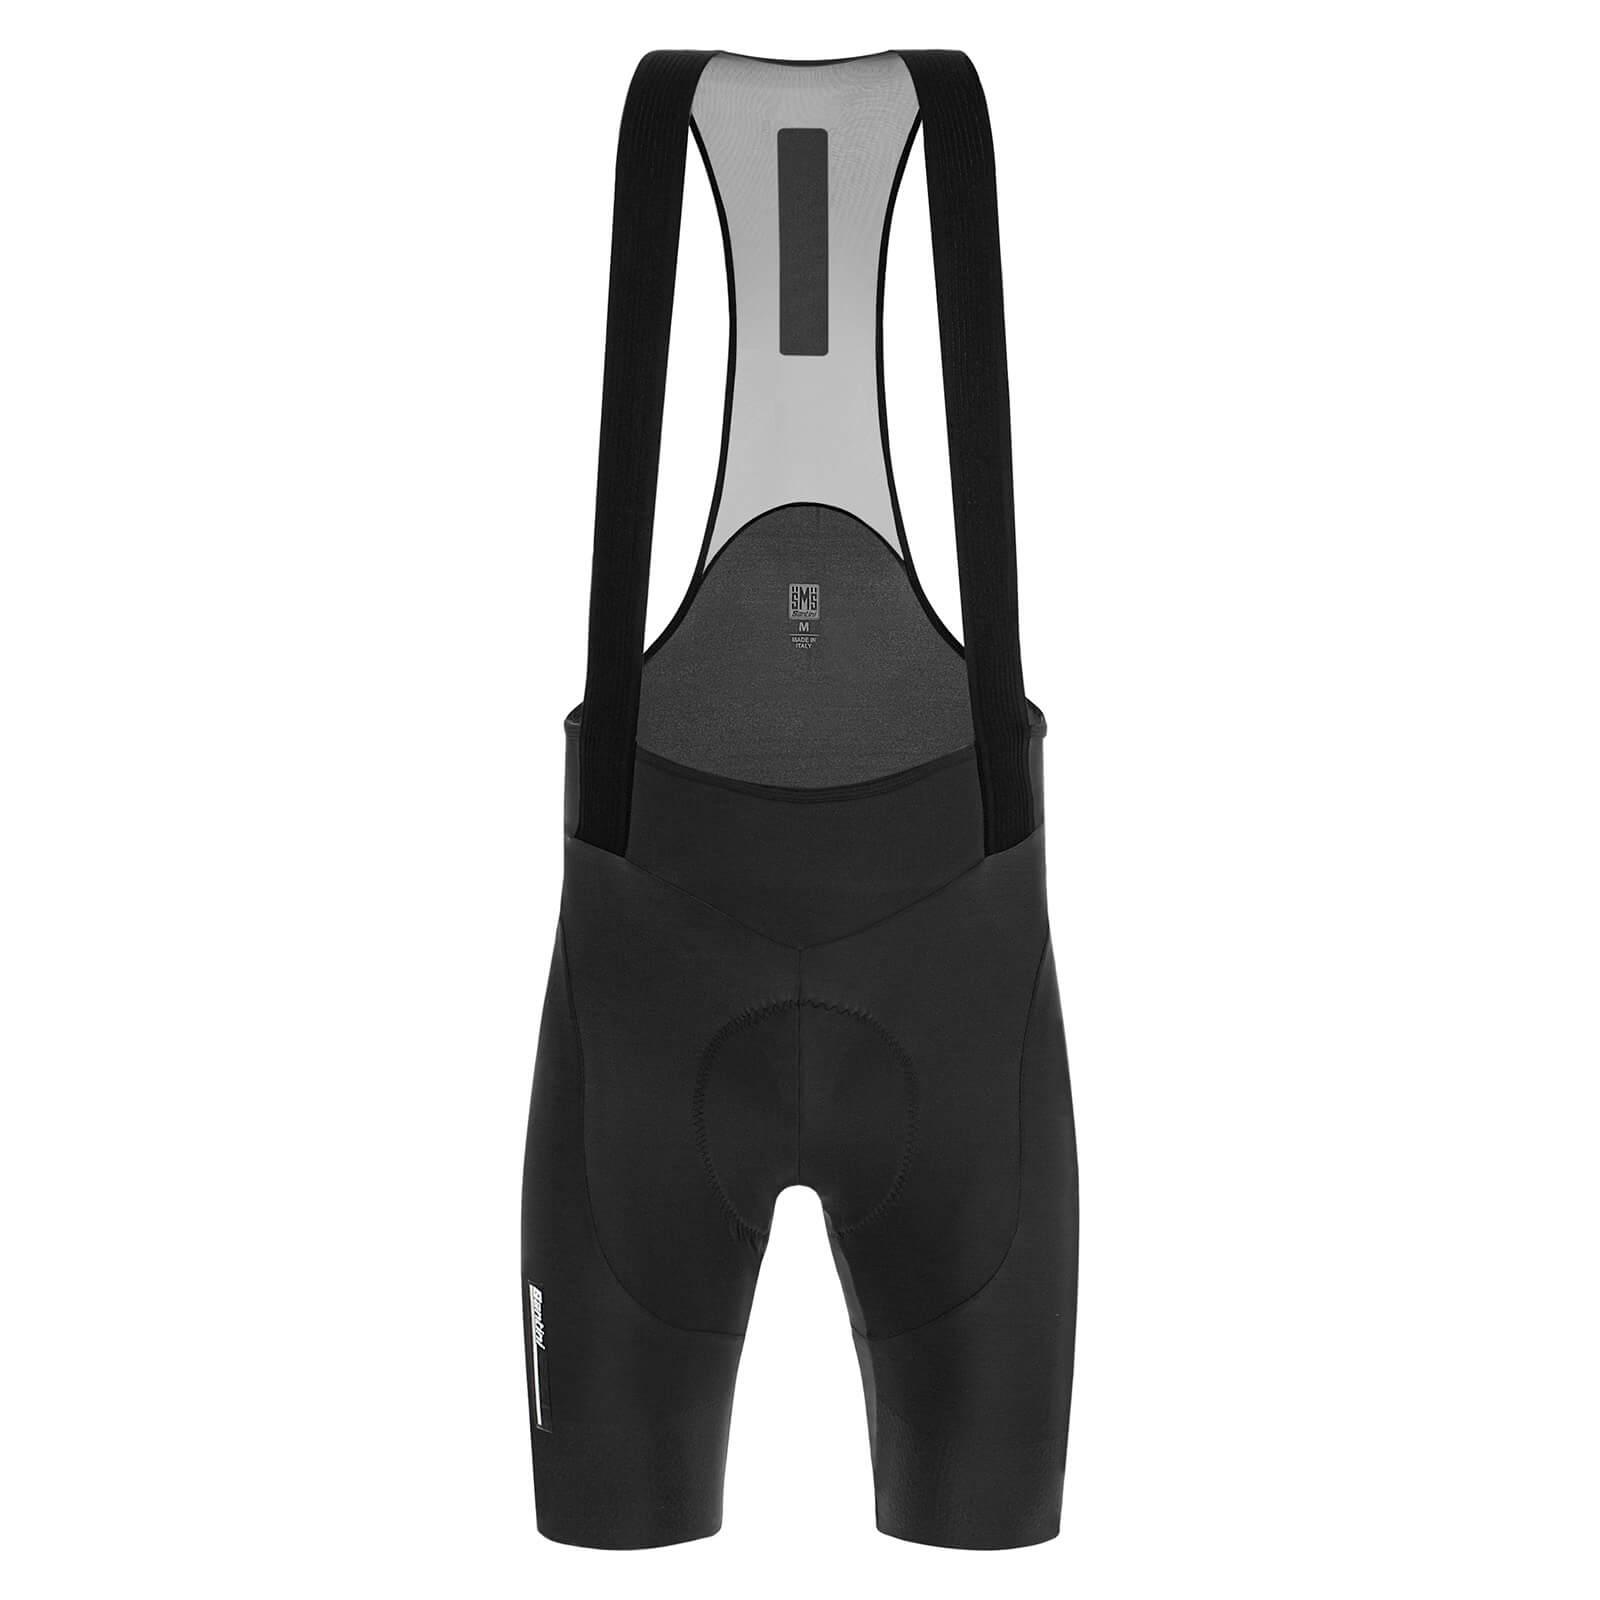 Santini Tono Dinamo Bib Shorts - XL